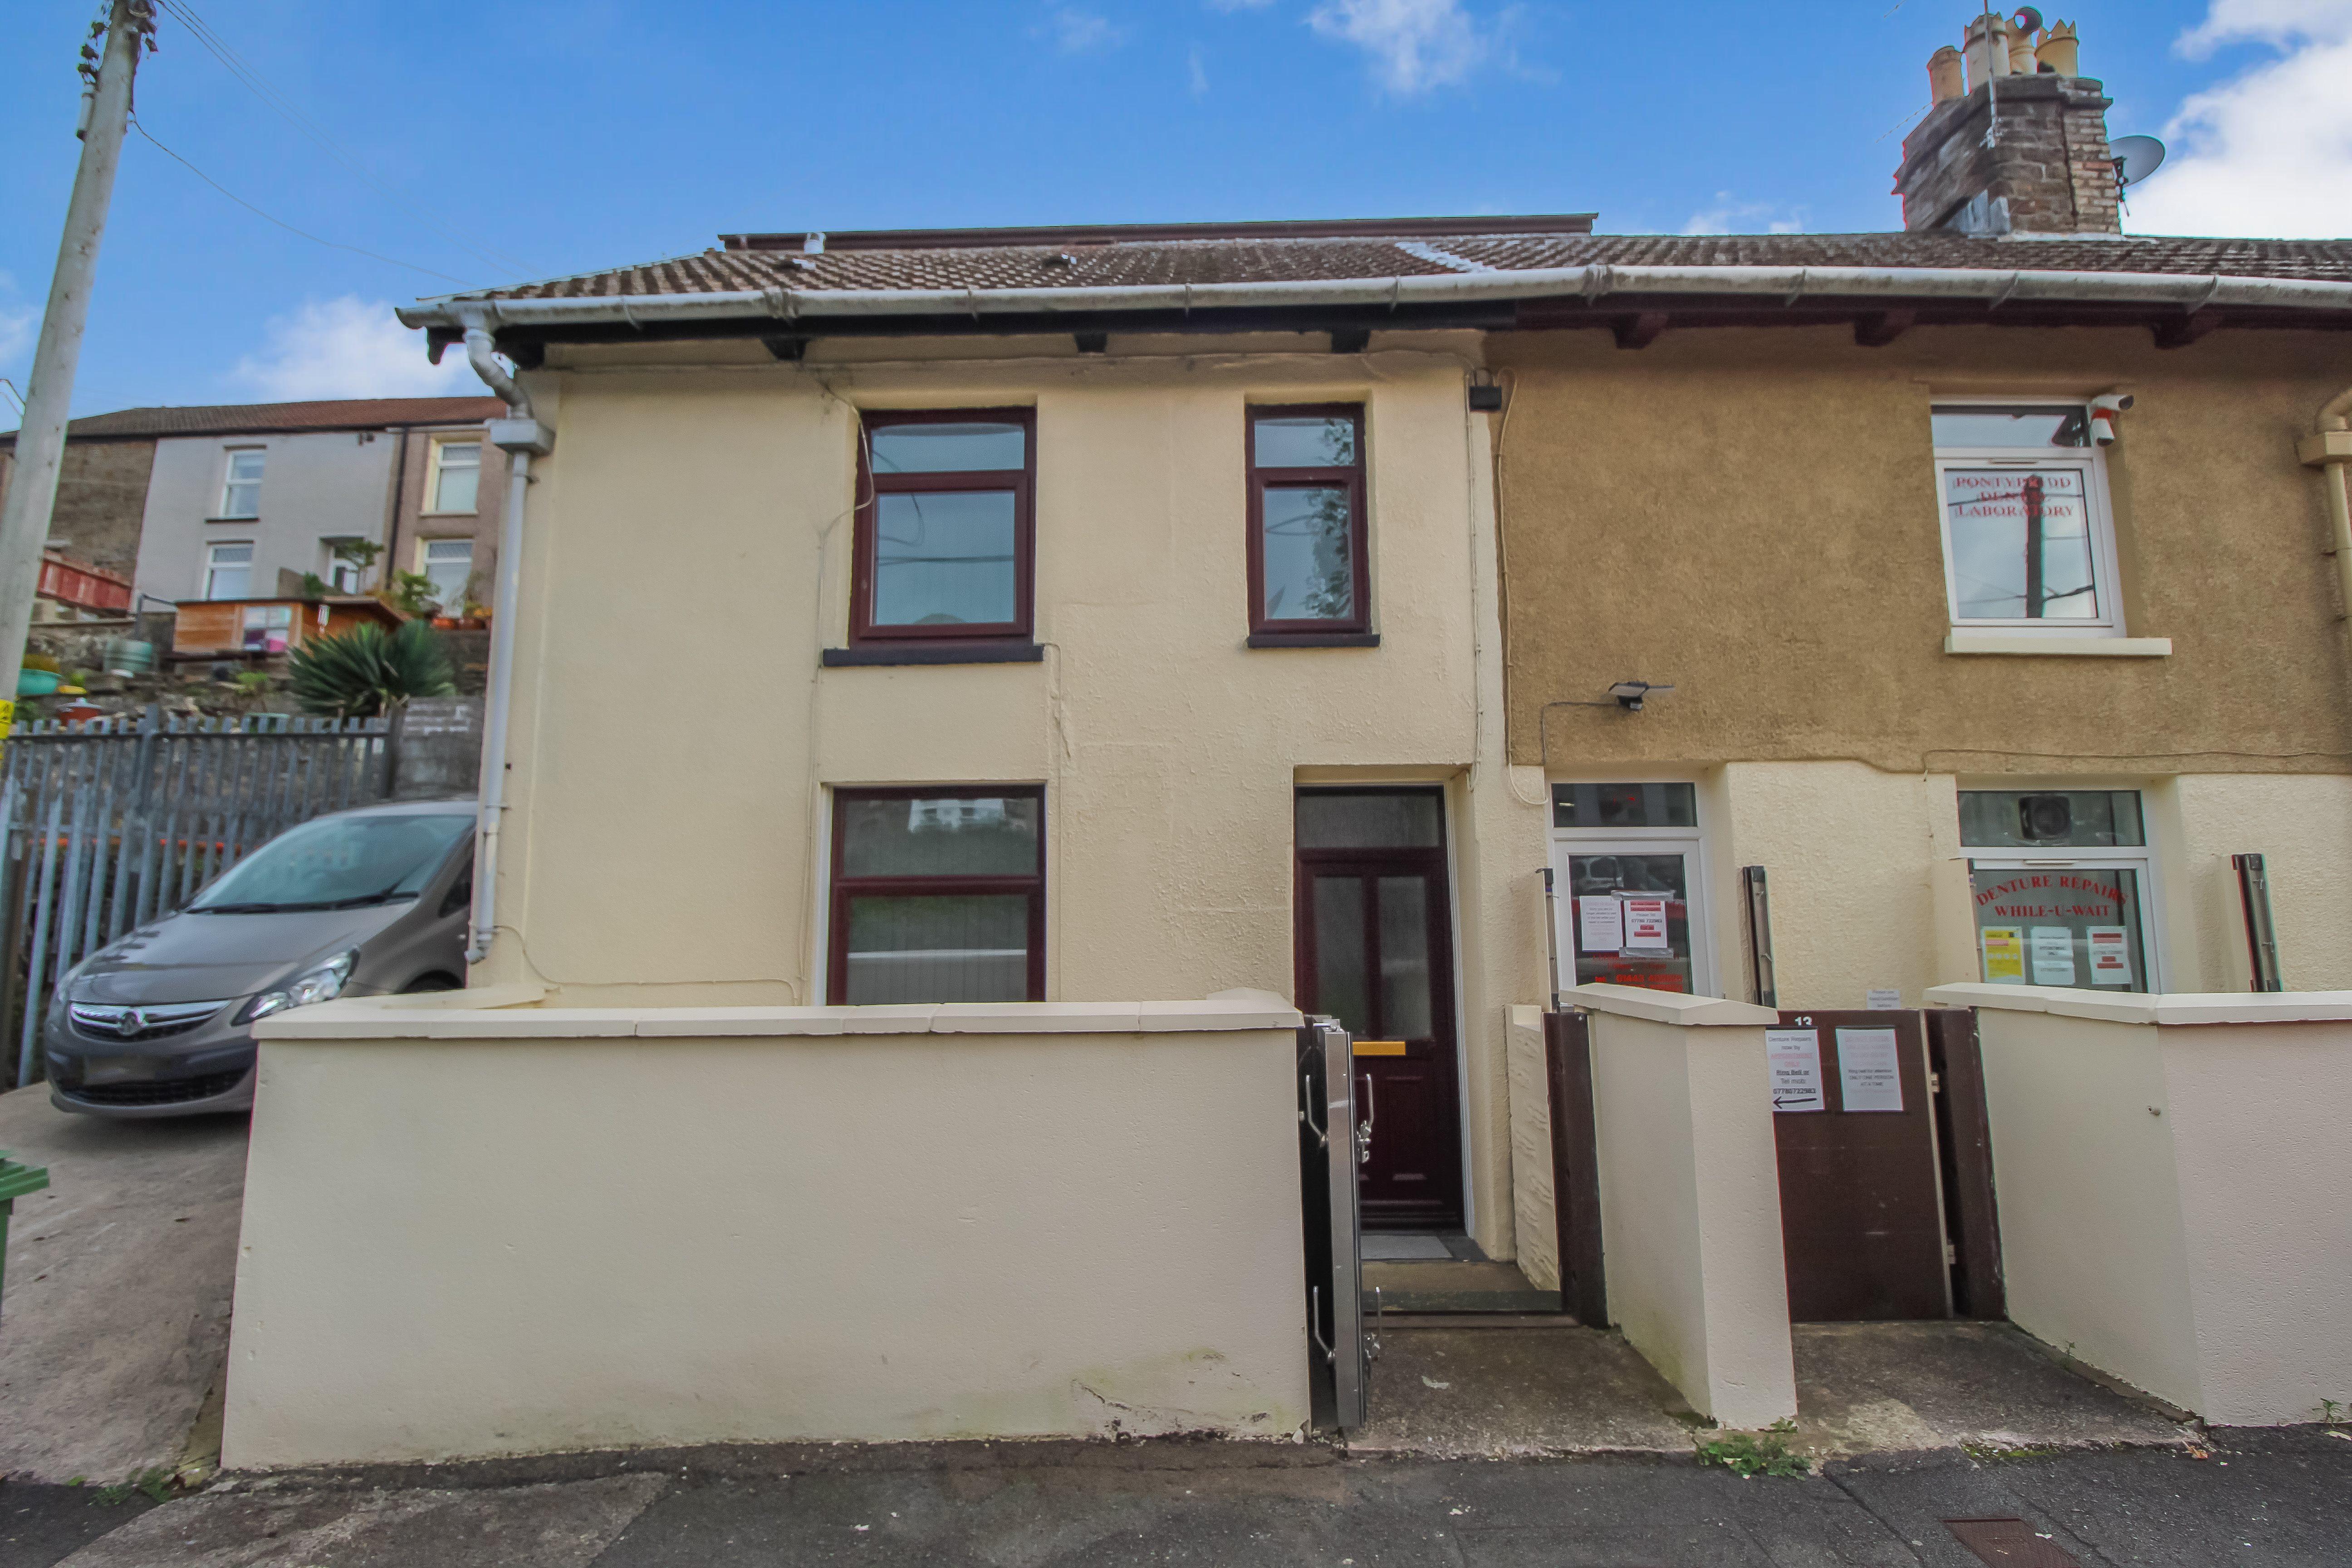 Sion Street, Pontypridd, Rhondda Cynon Taff